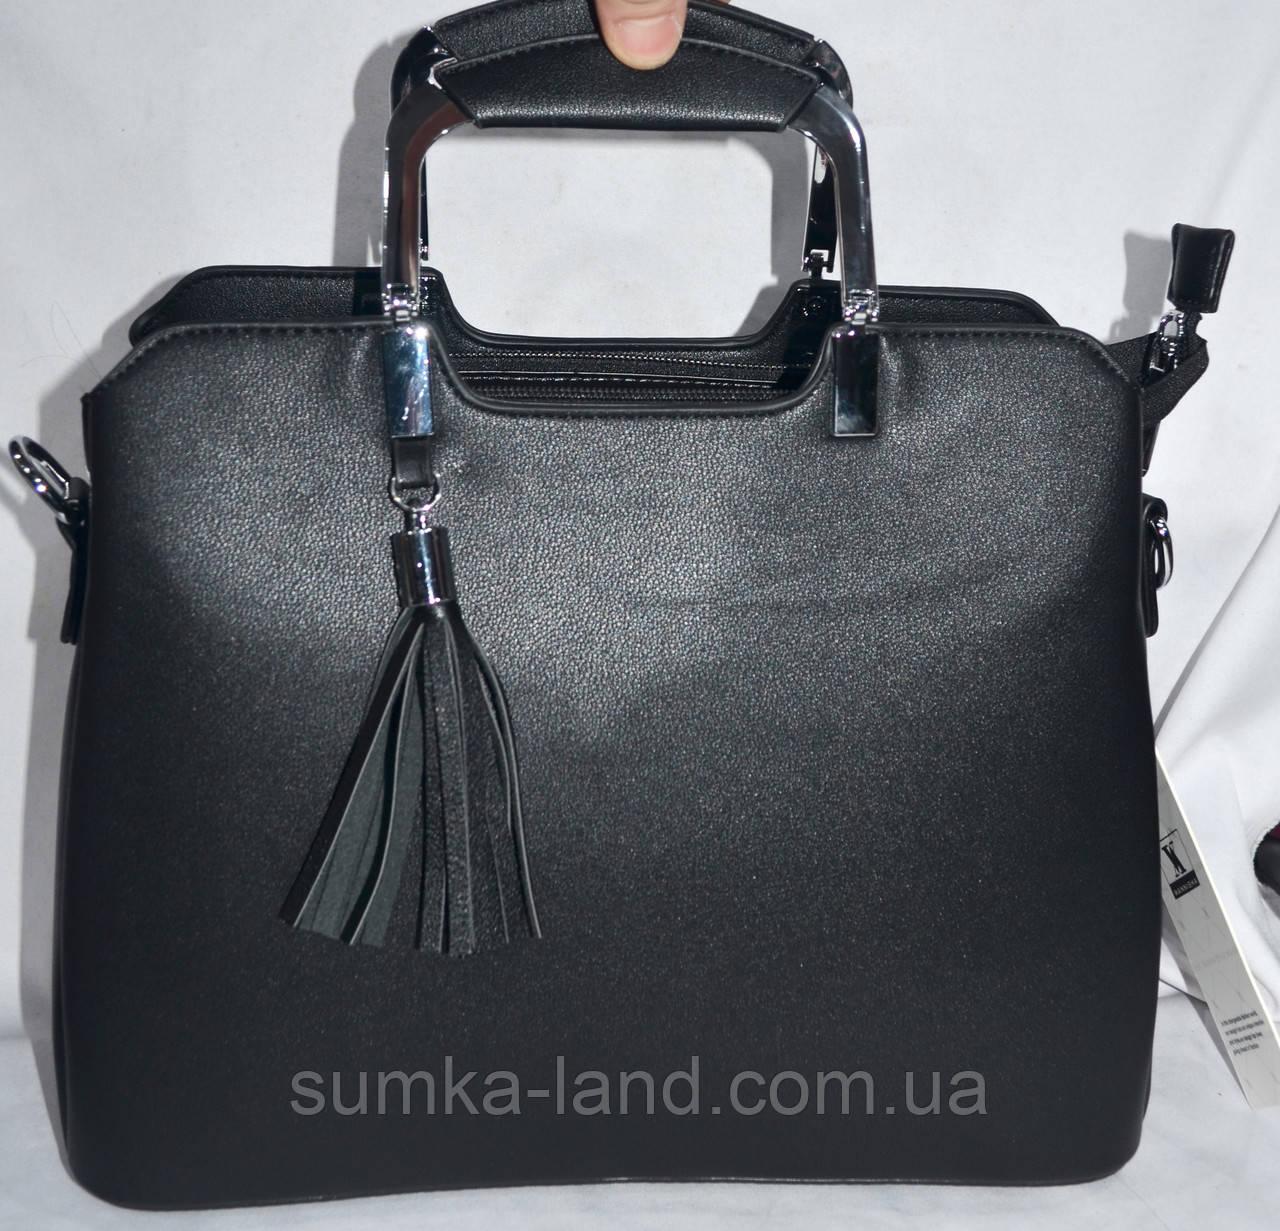 Женская черная сумка Премиум класса из искусственной кожи на 3 отделения с металлическими ручками  31*24 см